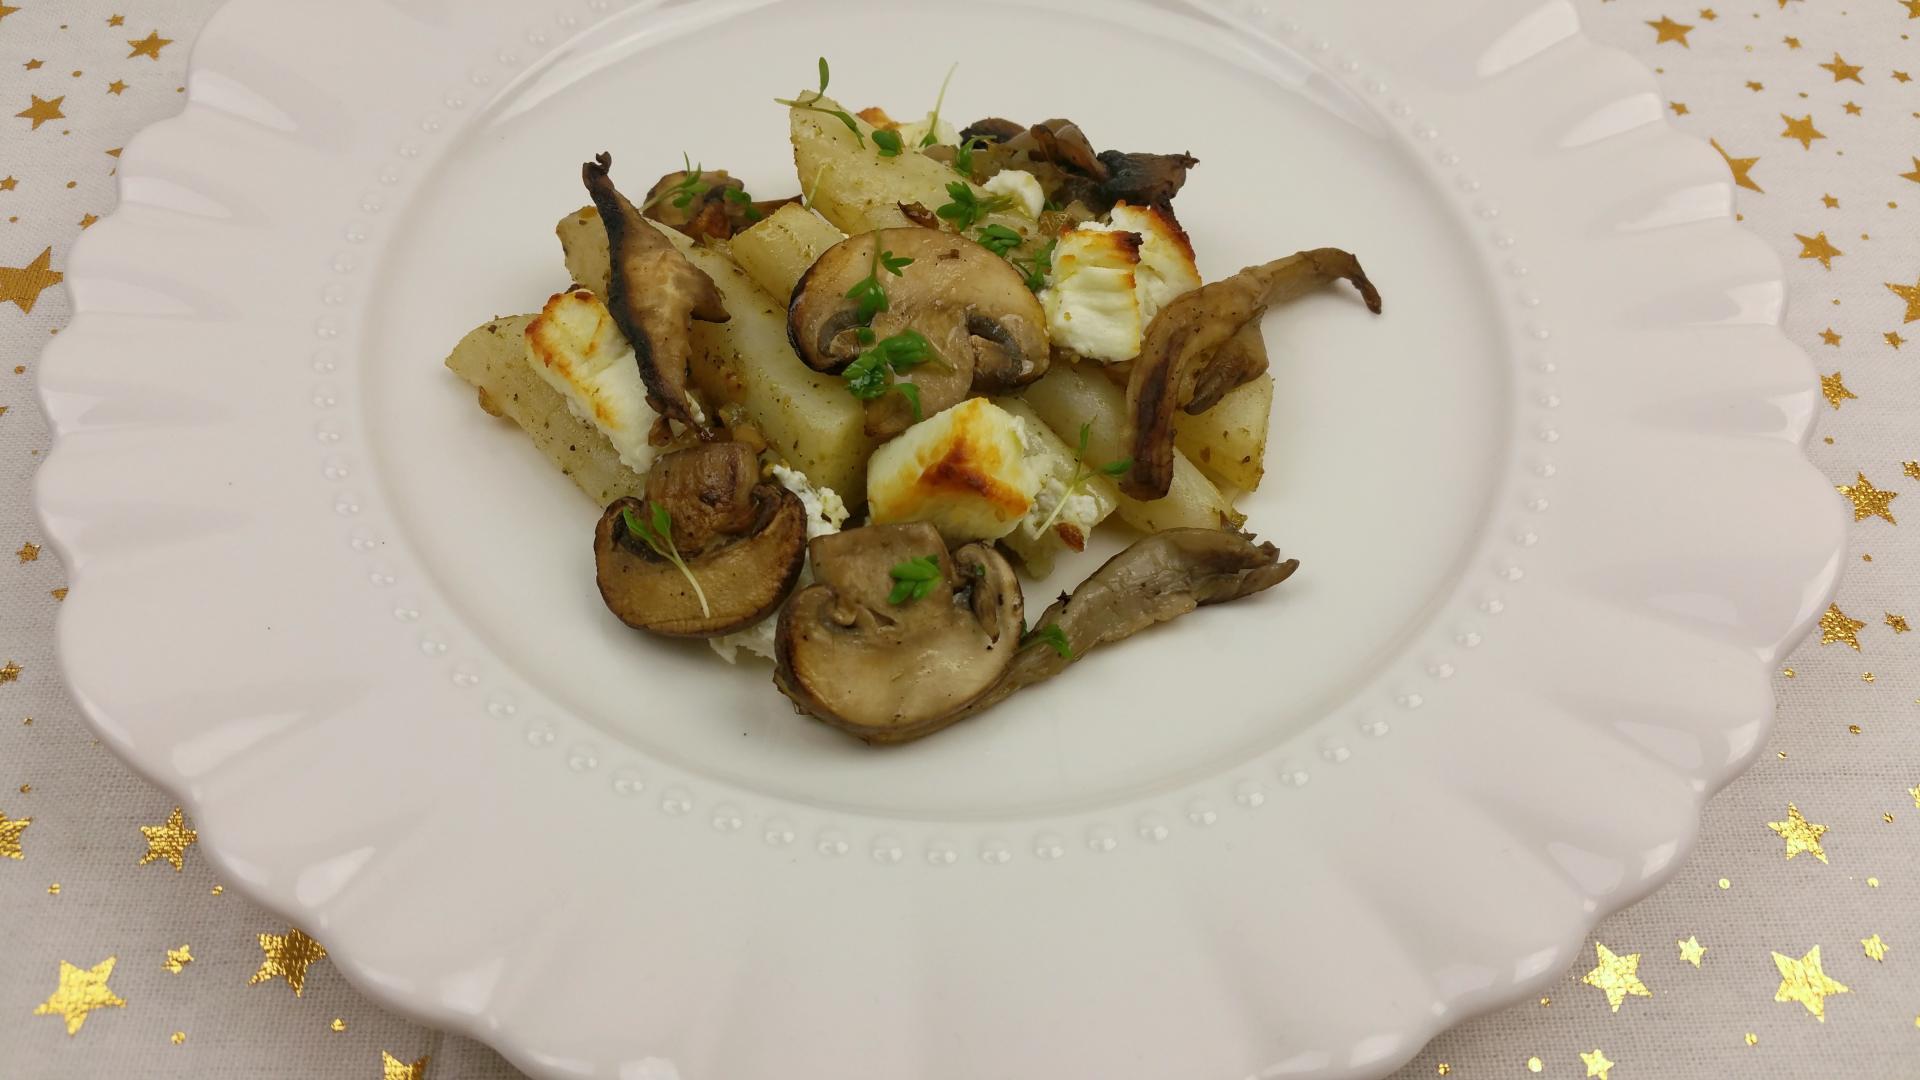 Uitgelichte foto voor het bericht Schorseneren met geitenkaas en champignons